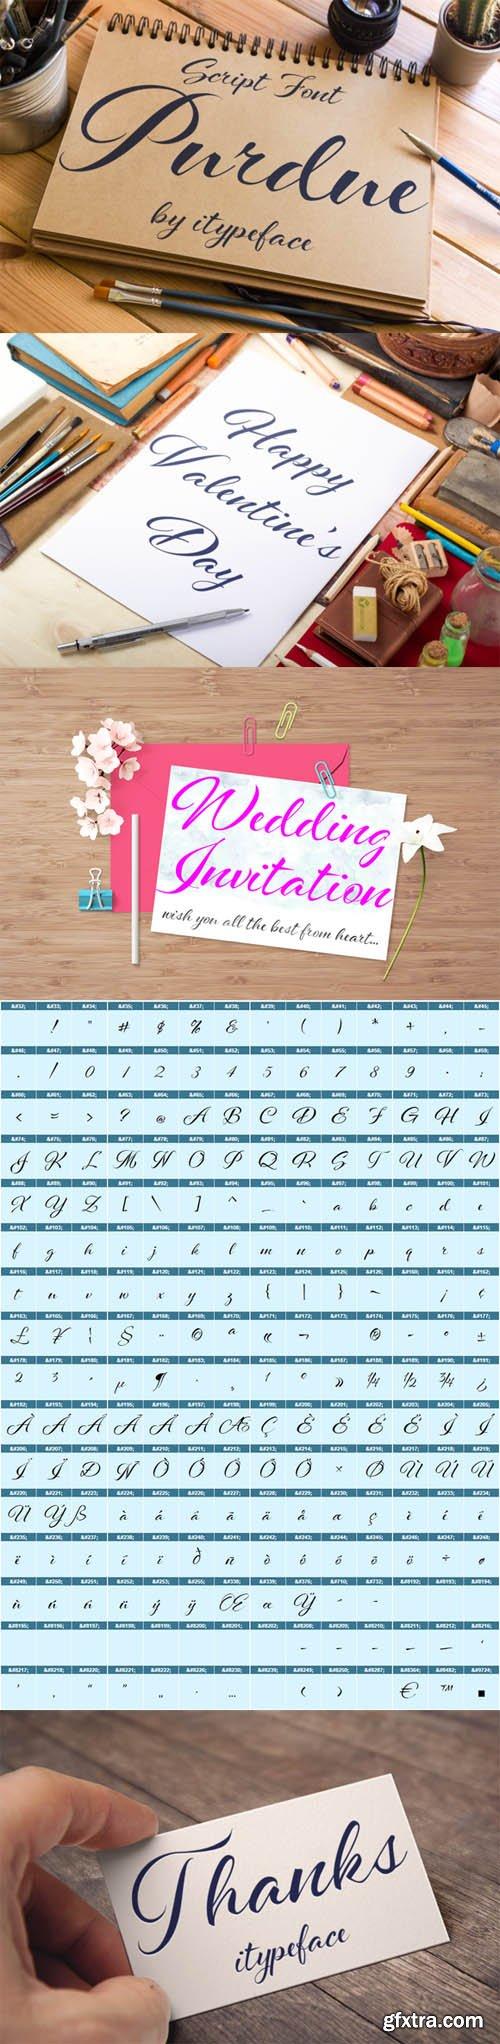 CM - Purdue Script Font 499140